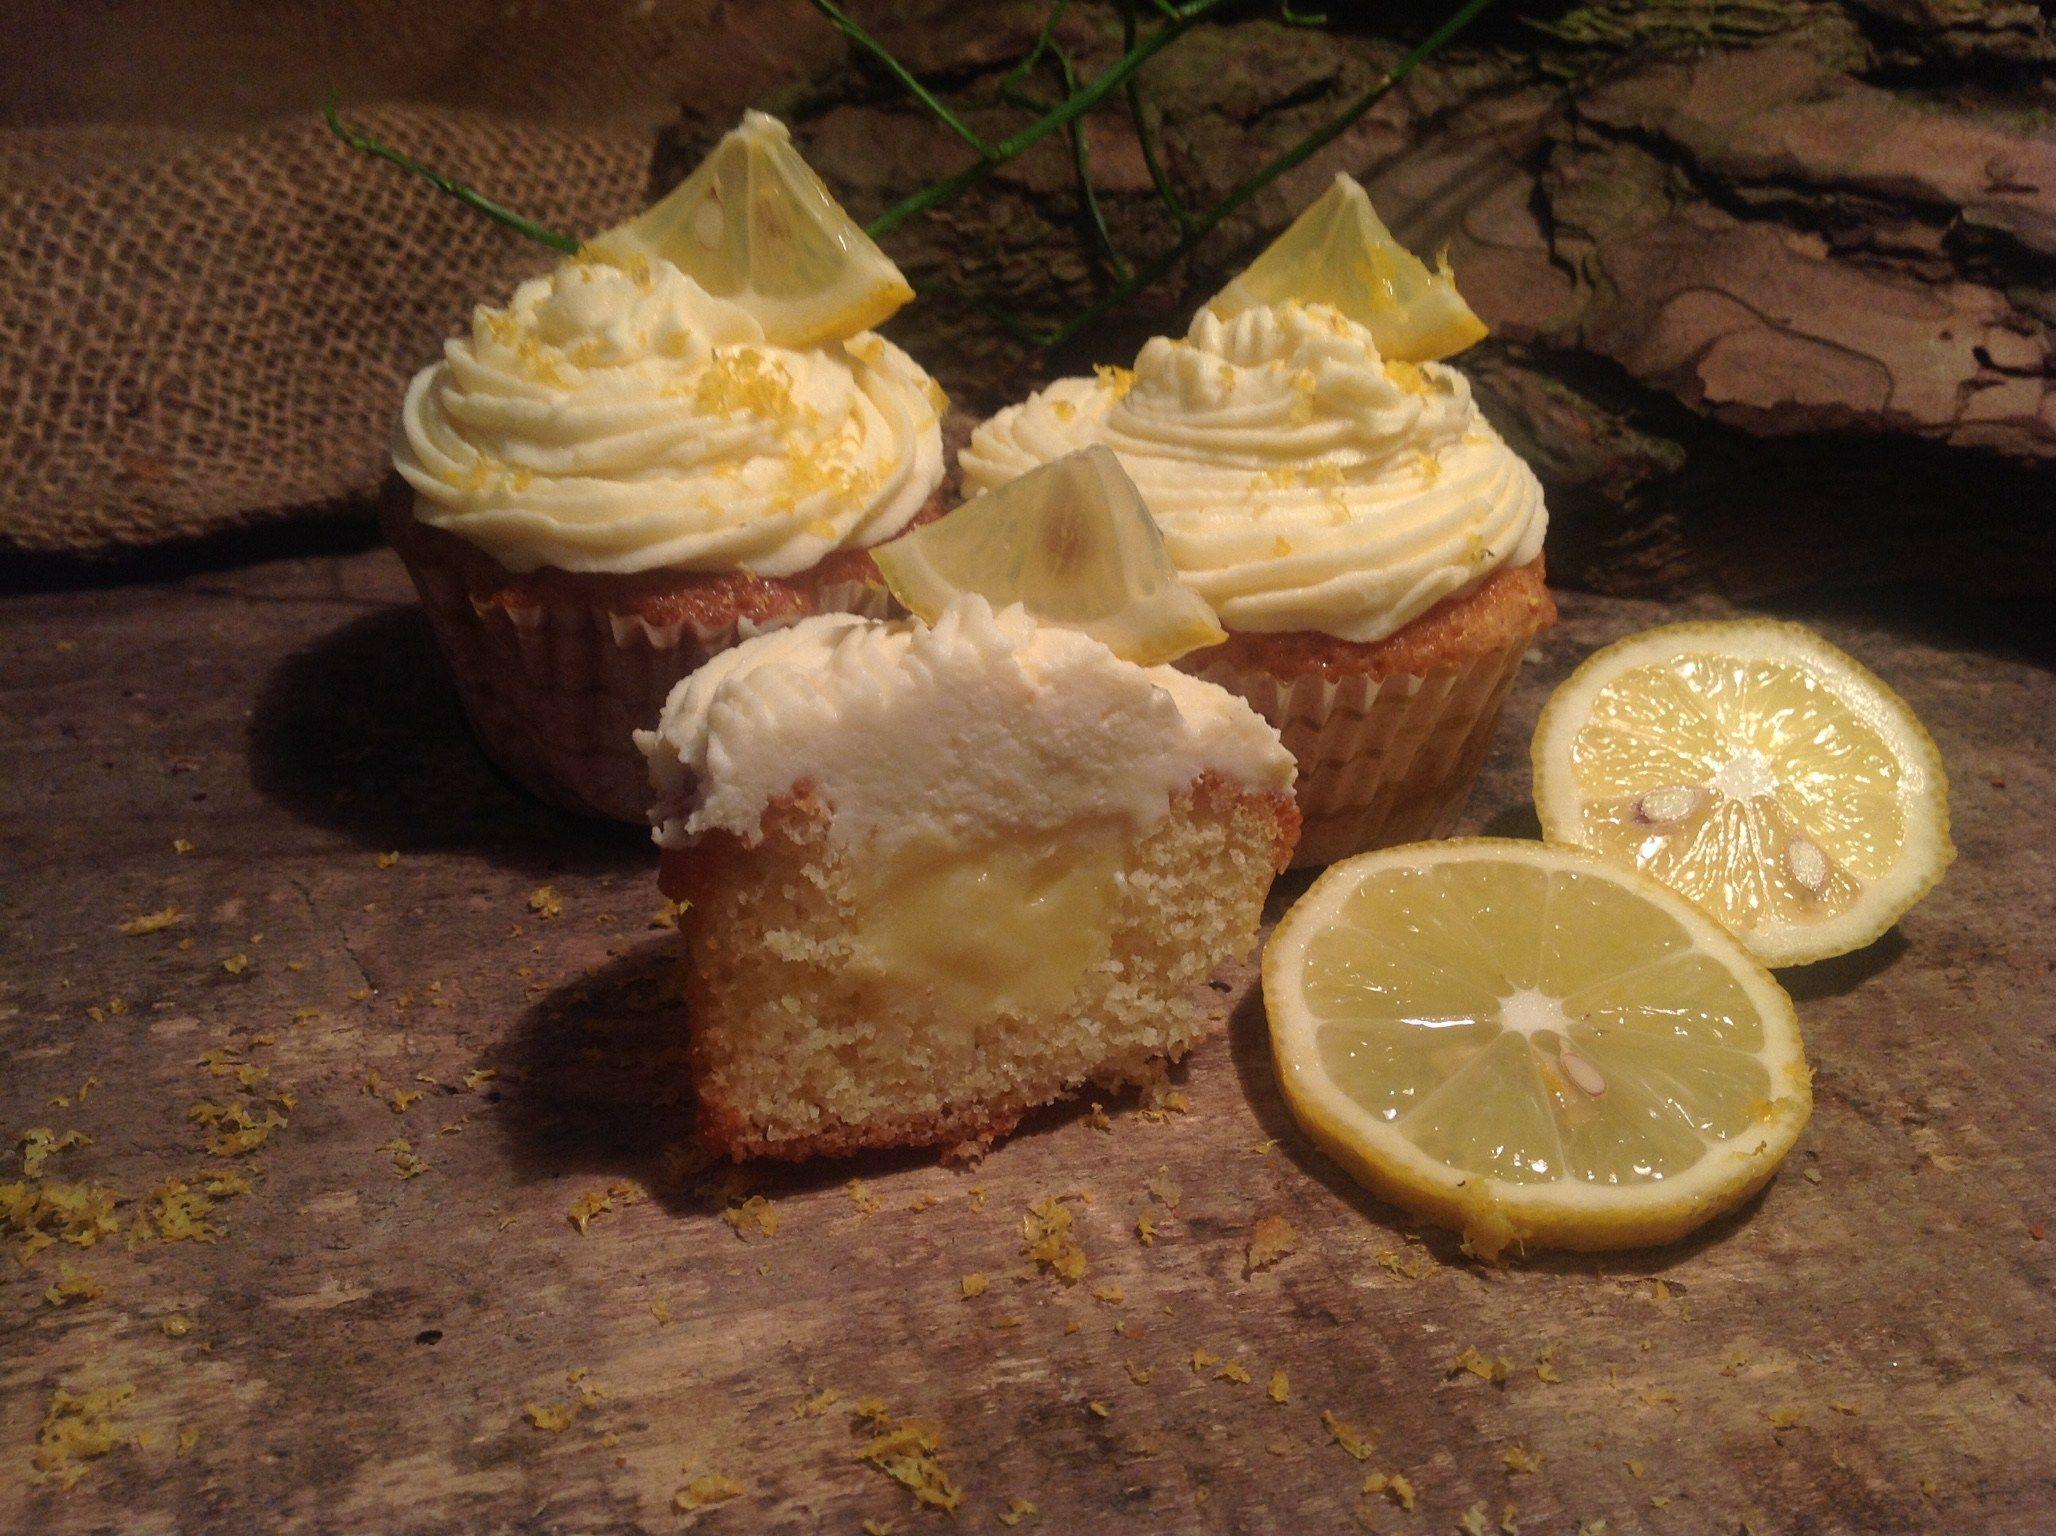 Cupcakes mit einer köstlichen Zitronencreme und weißer Schokolade #backen #muffin #cupcake #kuchen #bake #kake #cake #köstlich #lecker #kaffeeundkuchen #Kaffeezeit #rezept #jernrive #eat #food #yummy #tasty